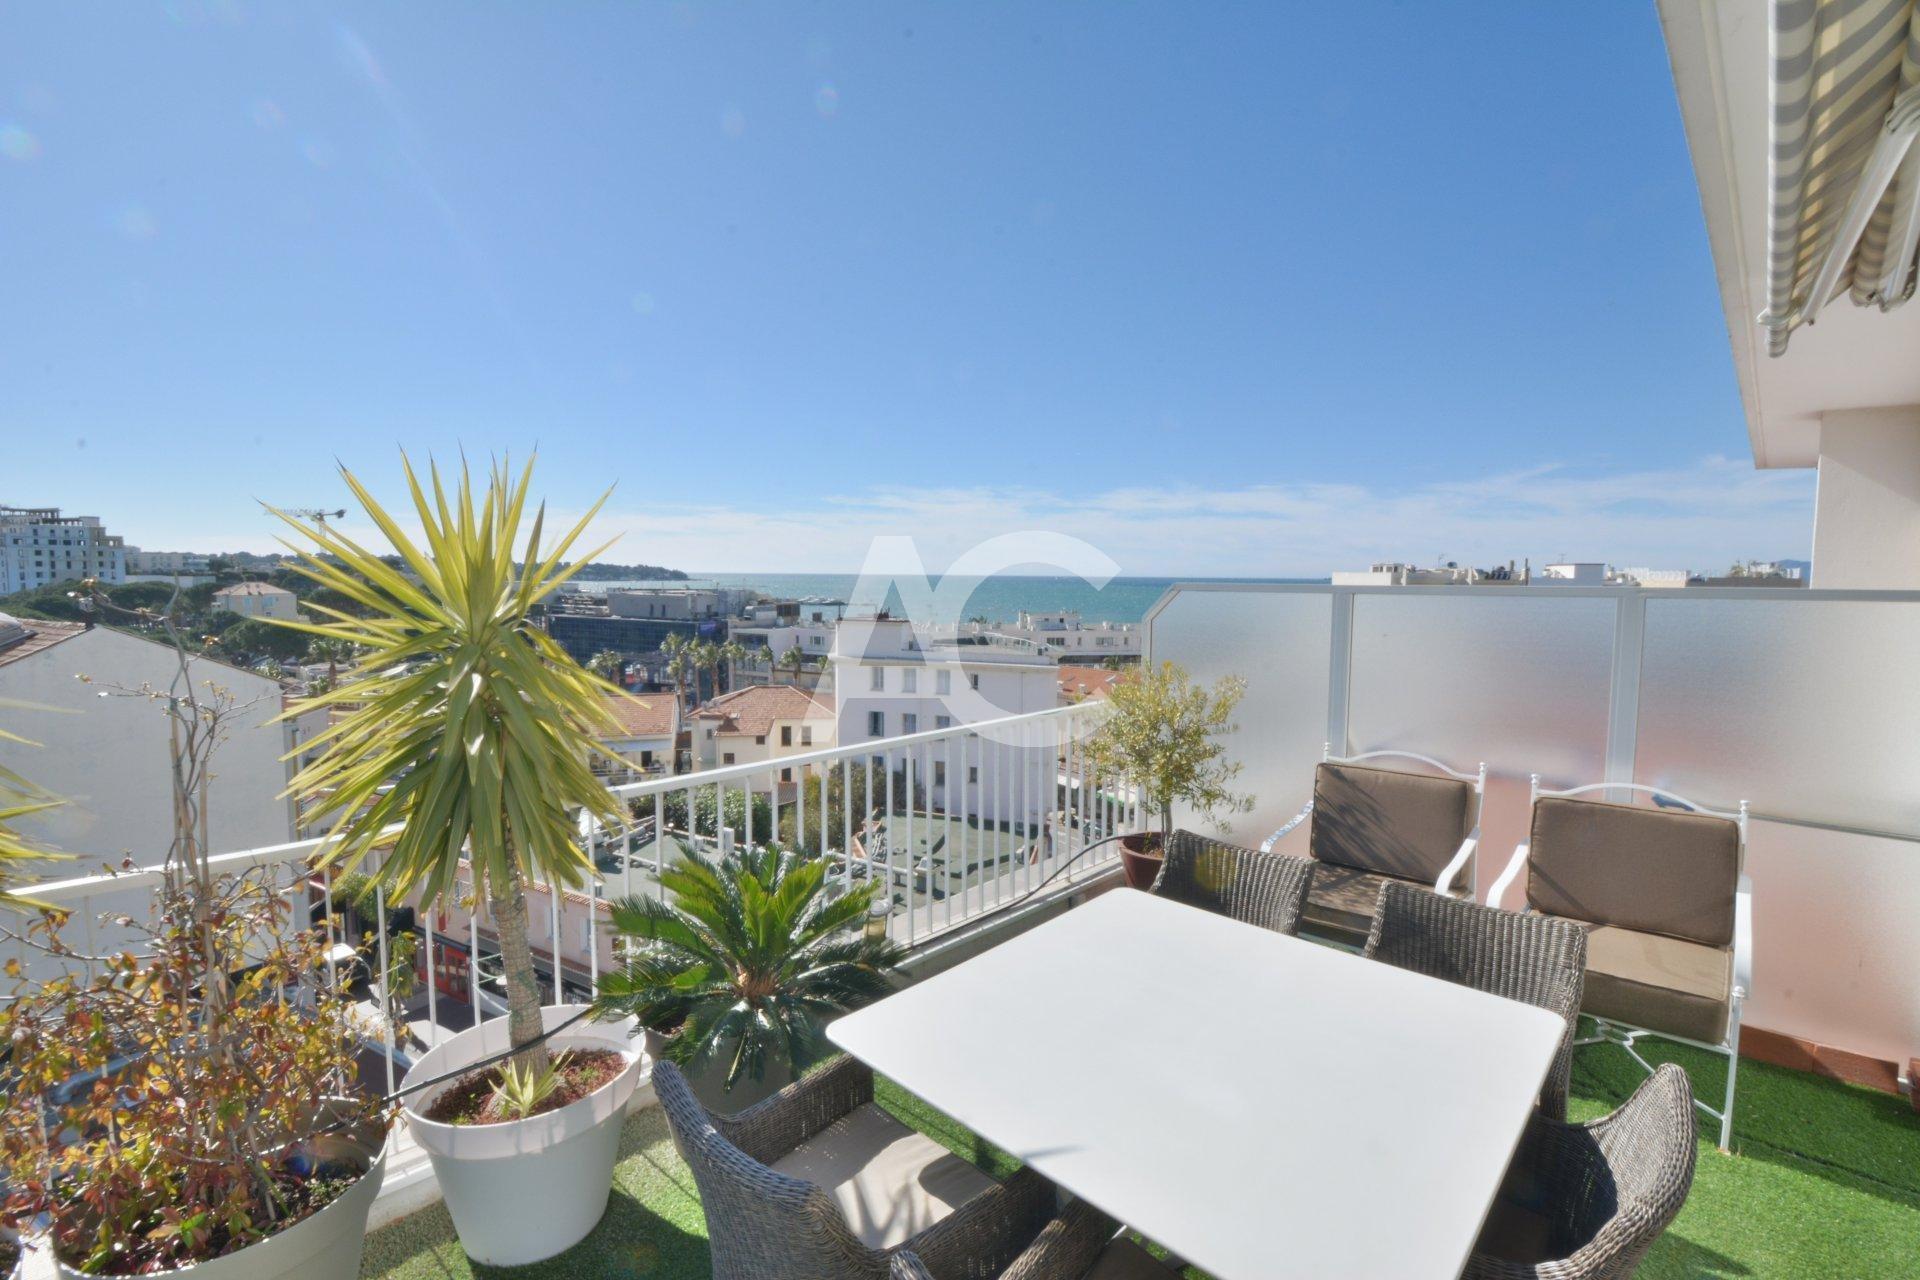 Penthouse 4 pièces - Vue mer - Terrasse 88 m²